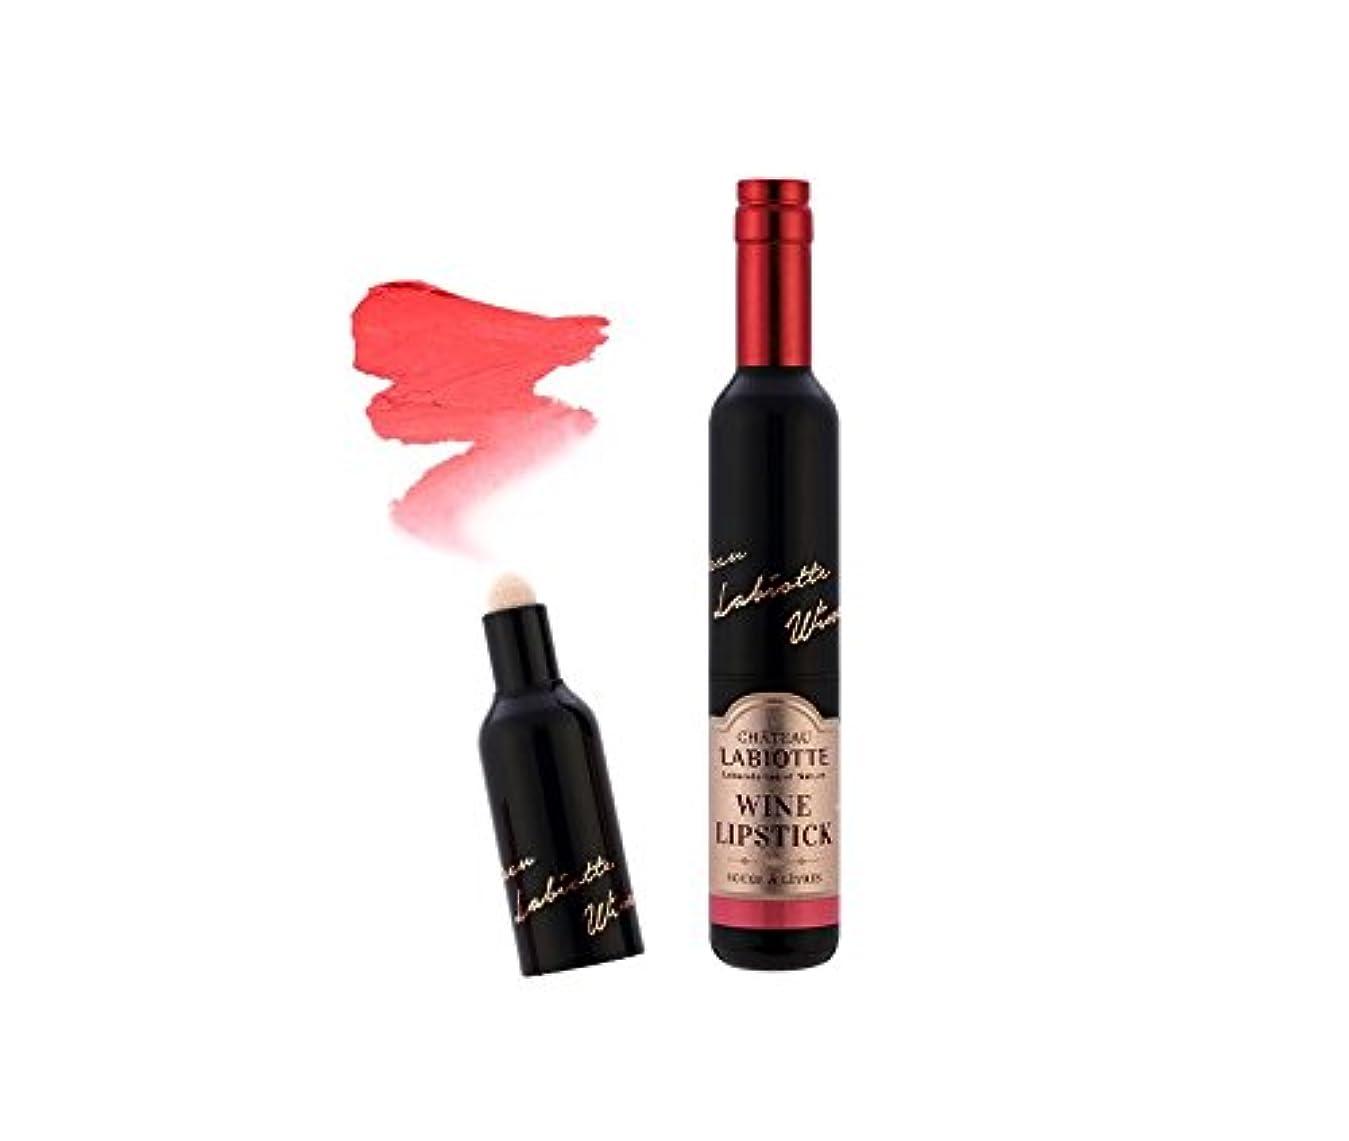 吹きさらしサービス実験的LABIOTTE (ラビオッテ) シャトーラテ ワイン リップ グロス 口紅 Melting [海外直送品] Labiotte Wine Lipstick Fitting (RD02 Pinot Red)